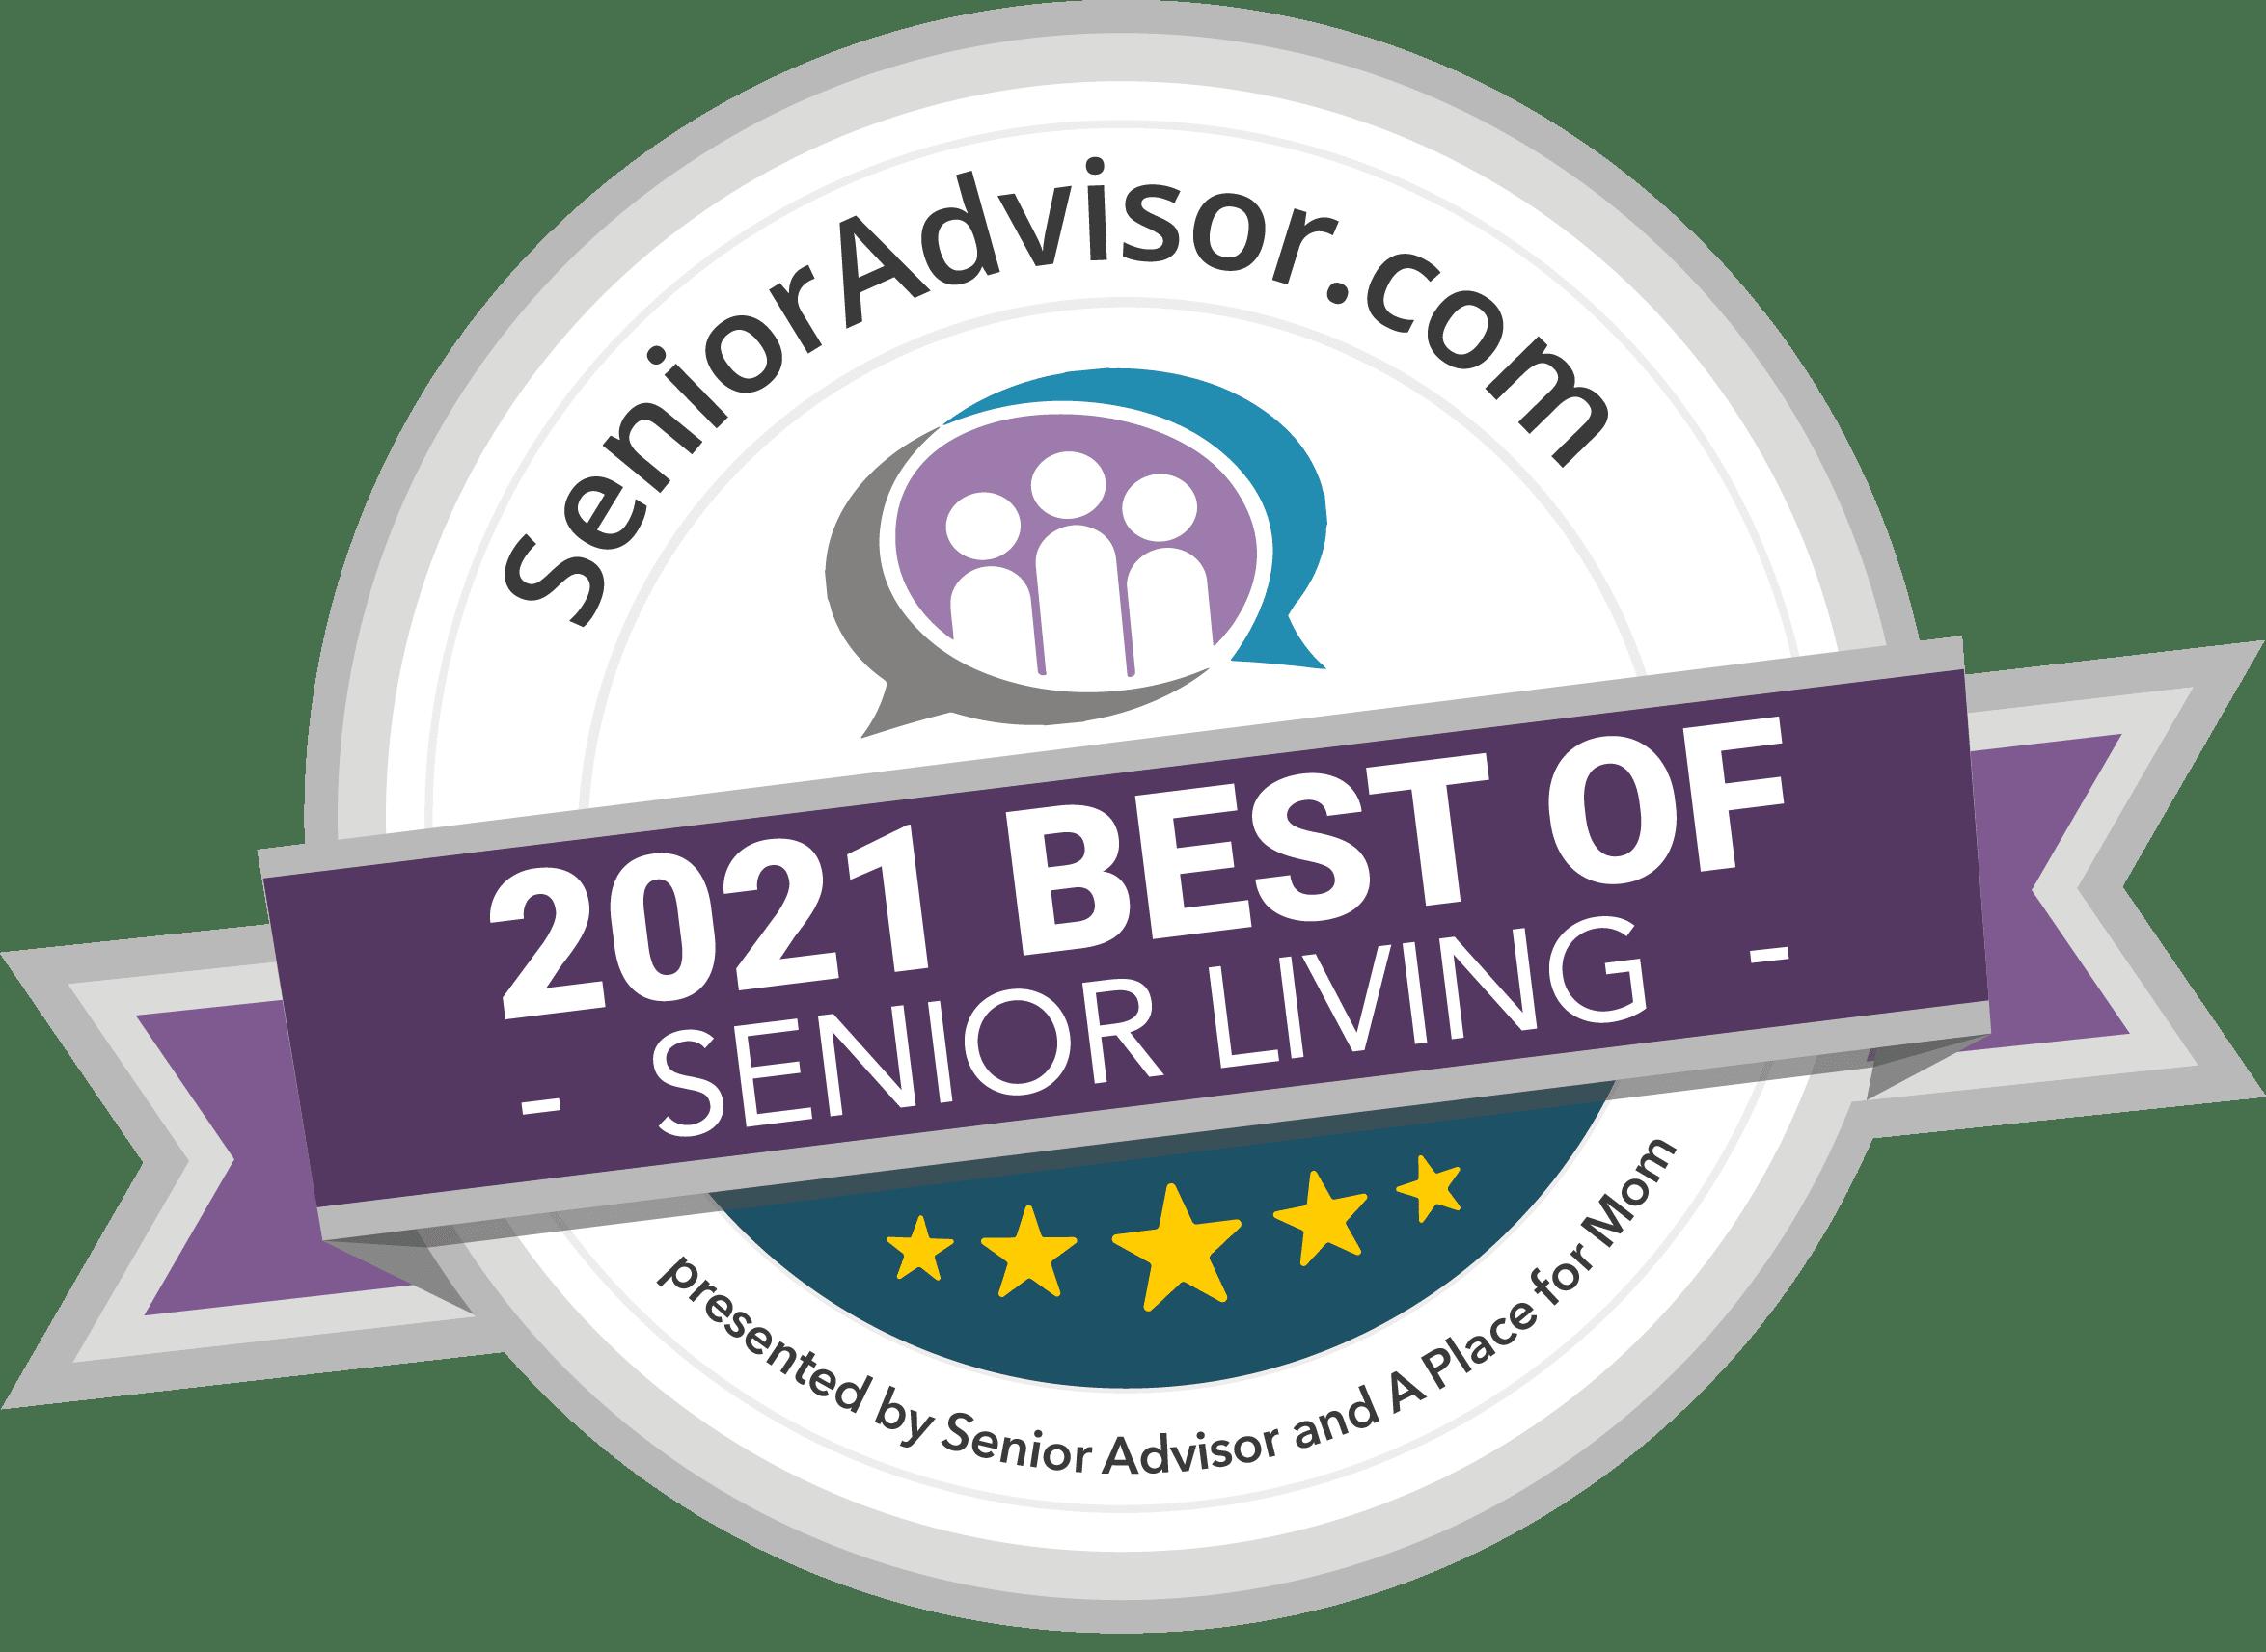 2021 Best of Senior Living